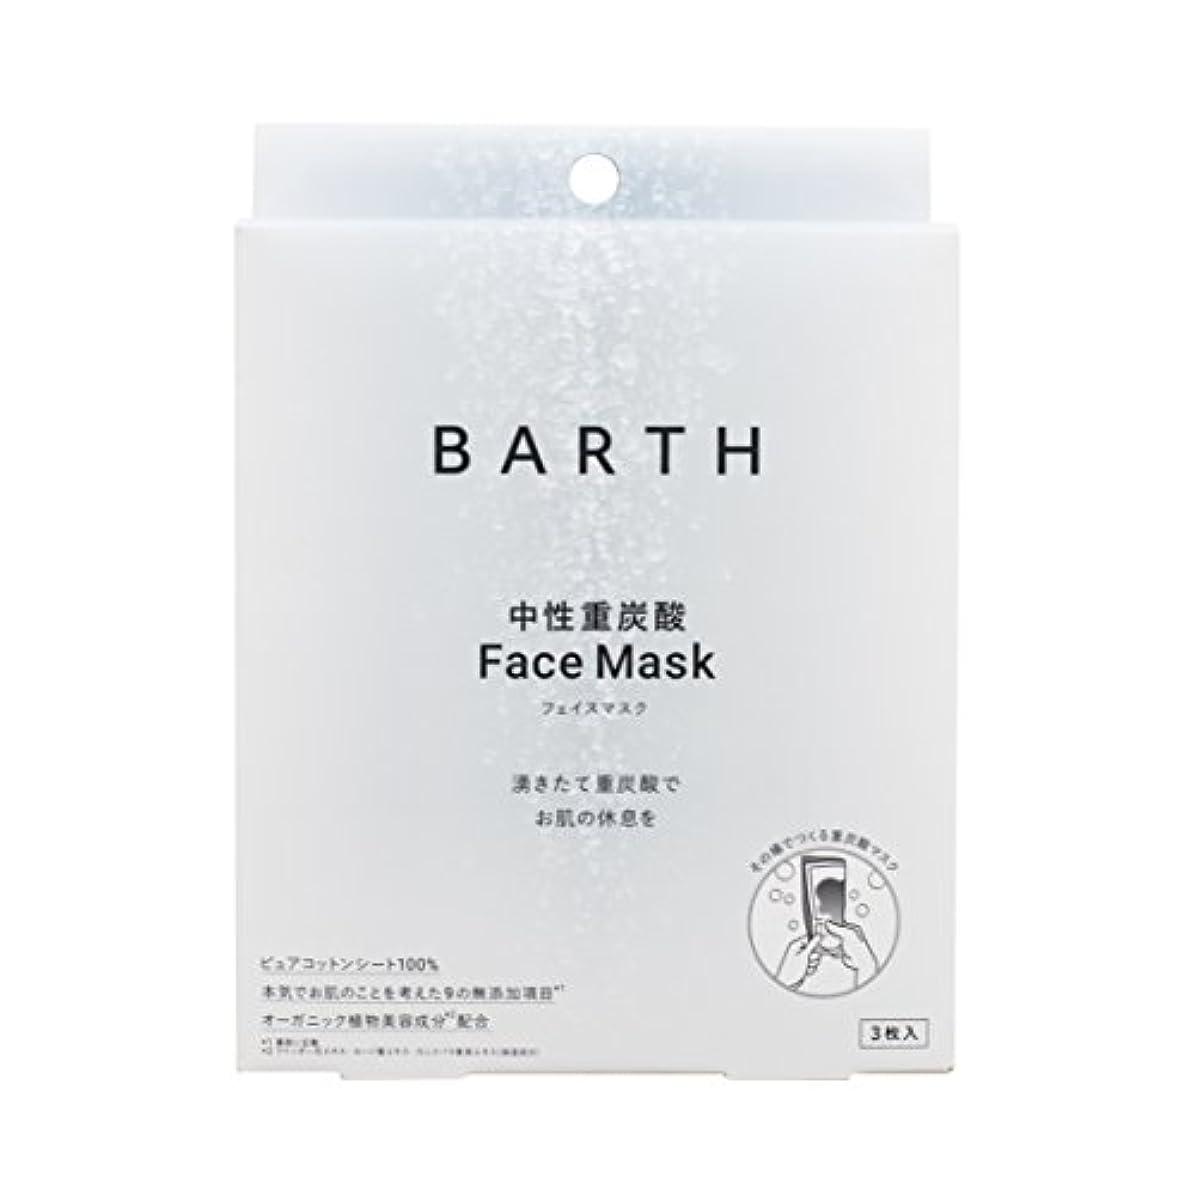 バランスのとれた急いで運動BARTH【バース】 中性 重炭酸 フェイスマスク (無添加 日本製 ピュアコットン 100% オーガニック植物美容成分3種入り) (3包入り)